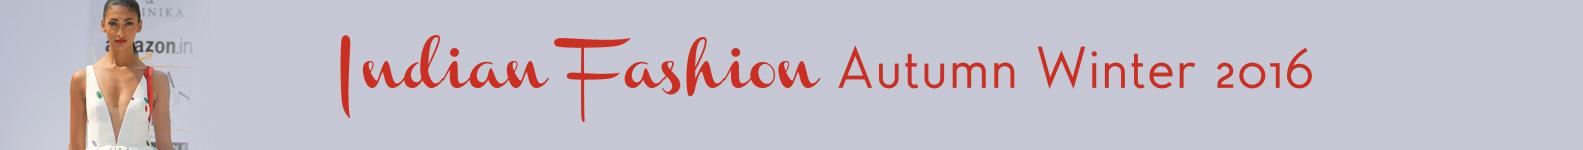 latest-shows-autumn-winter-2016-aw16-fw16-amazon-india-fashion-week-aifw